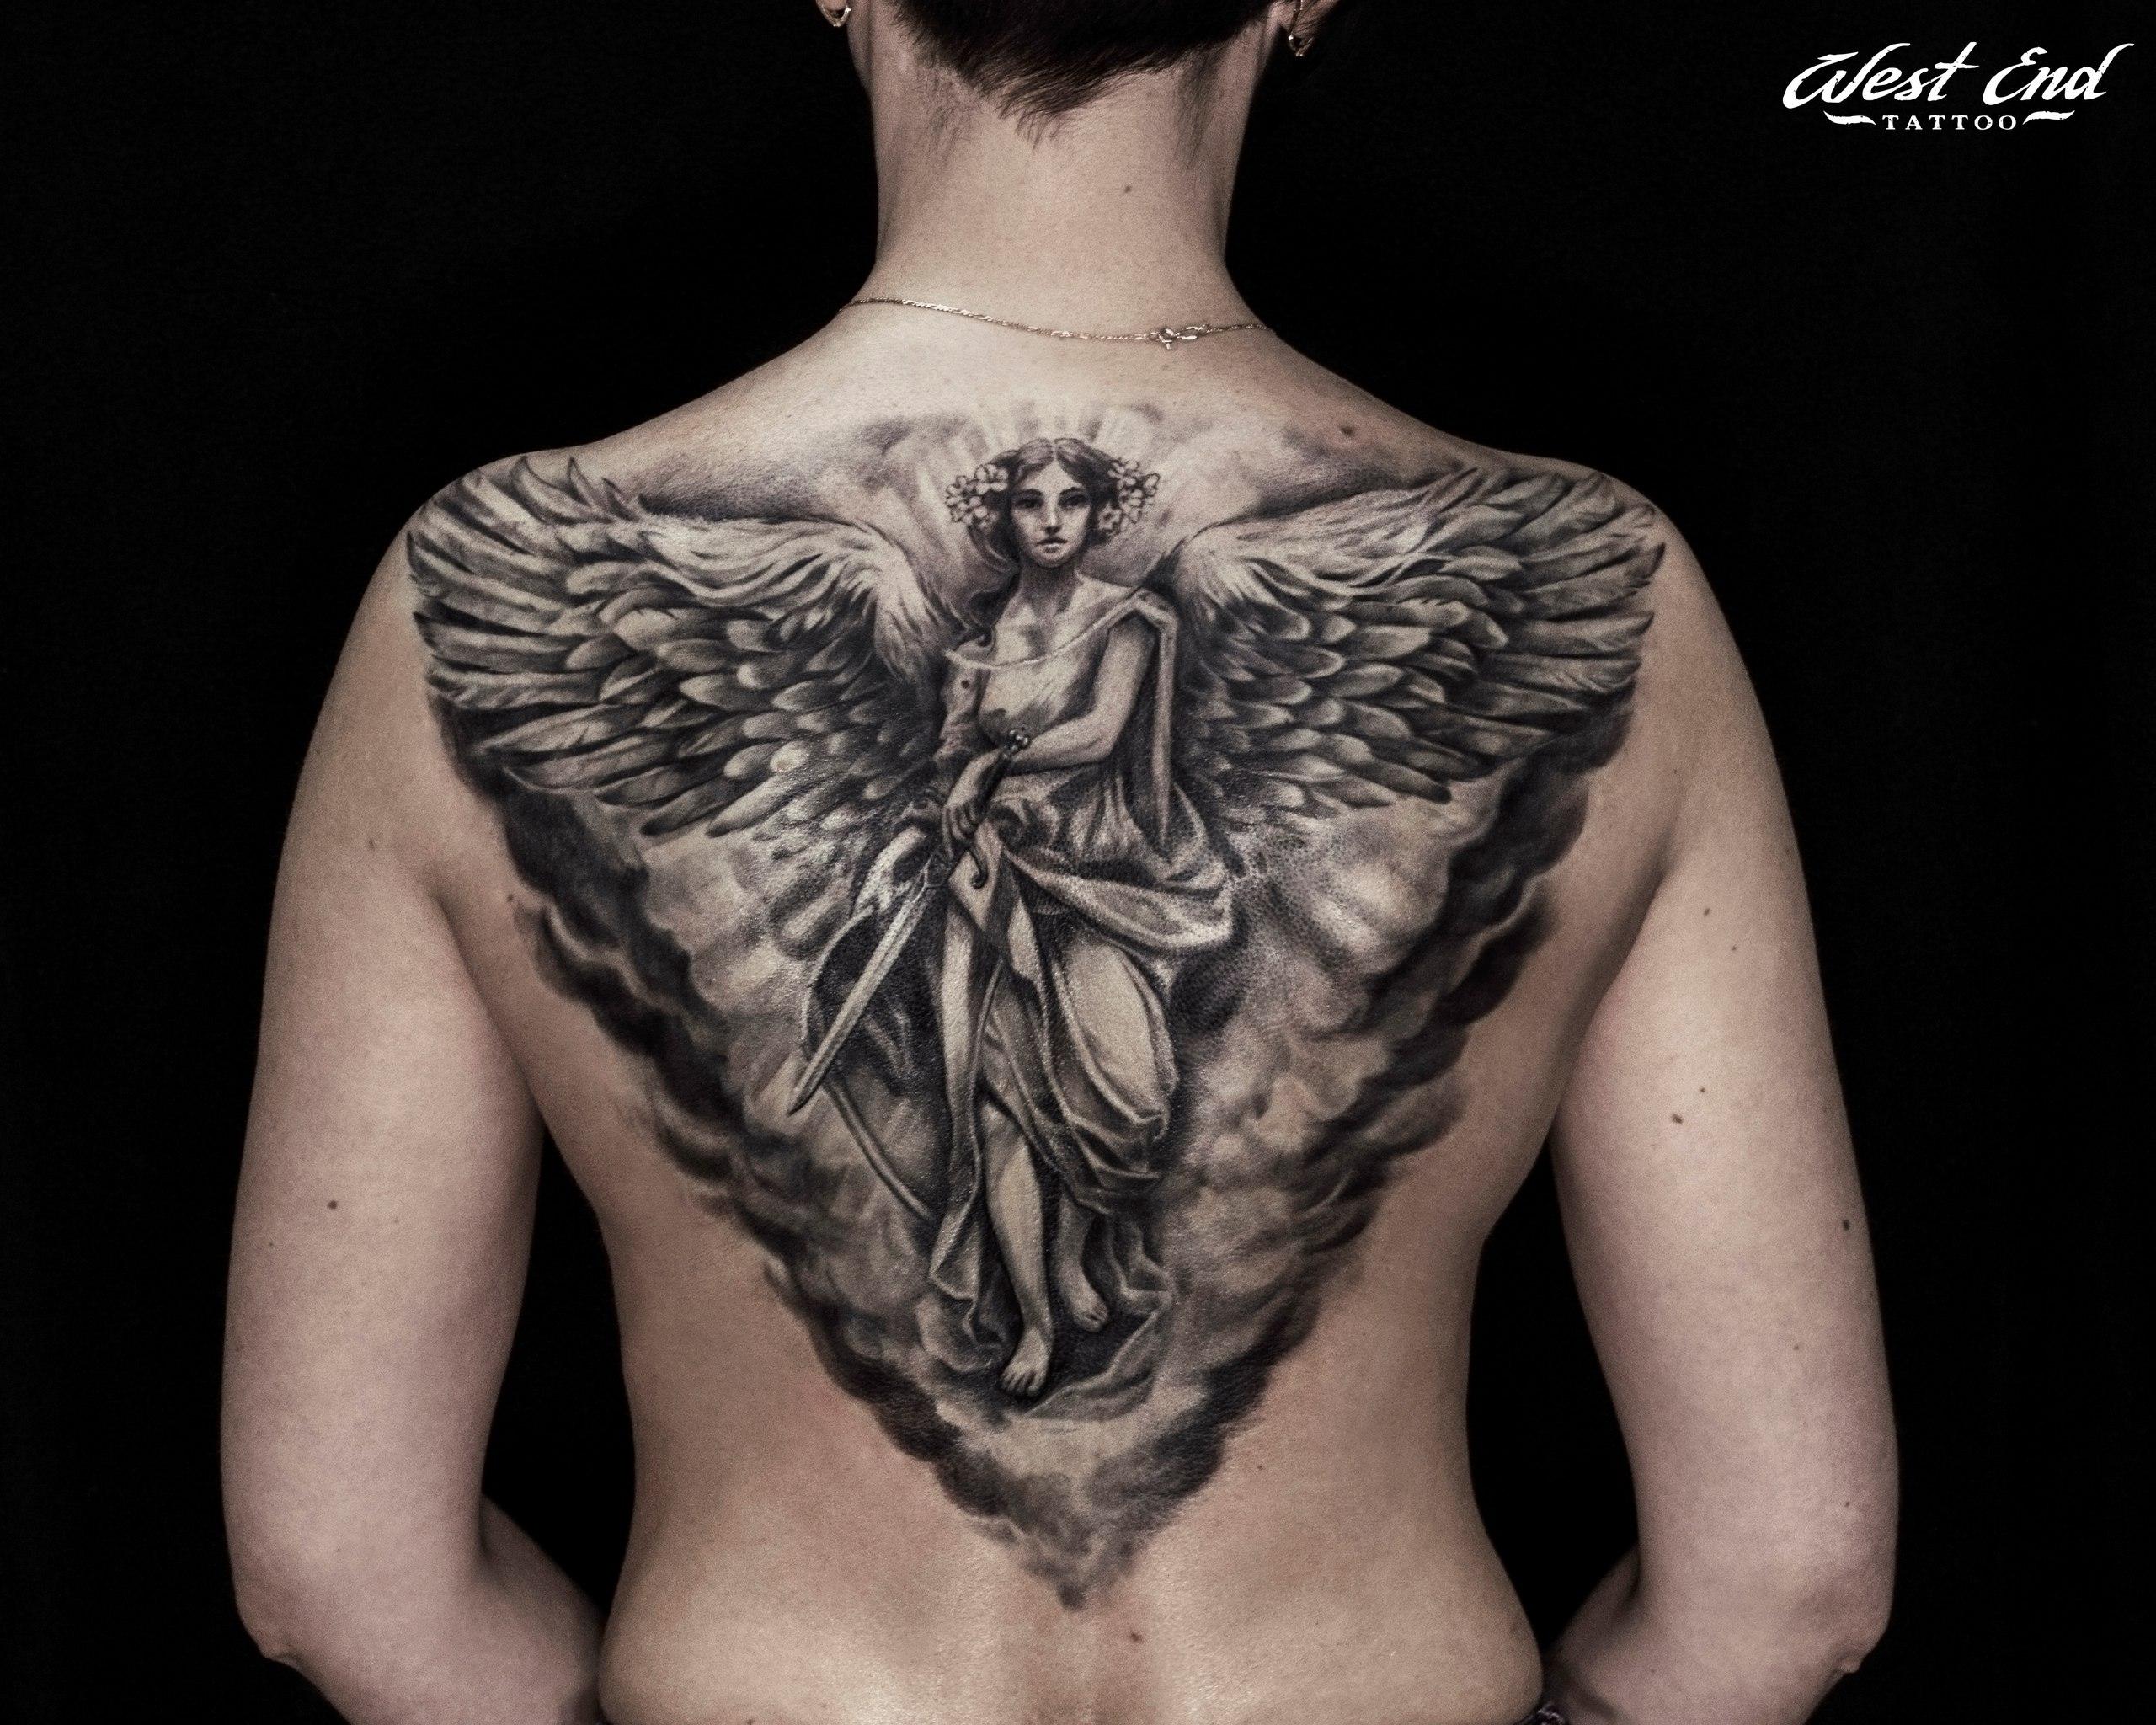 Тату боевой ангел реализм на спине женская татуировка